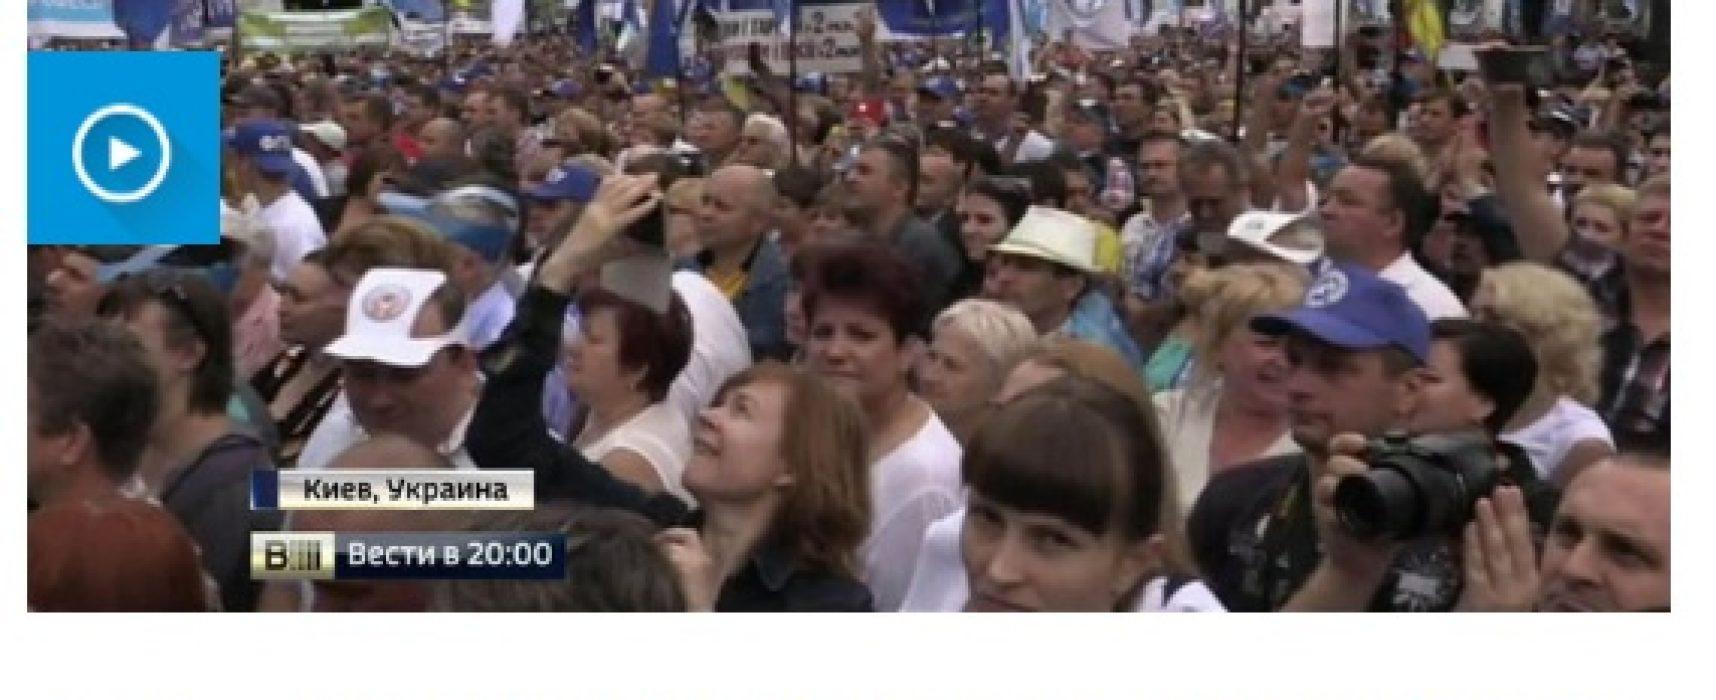 Фейк: Третий Майдан в Киеве и манипуляция с цитатой Кличко